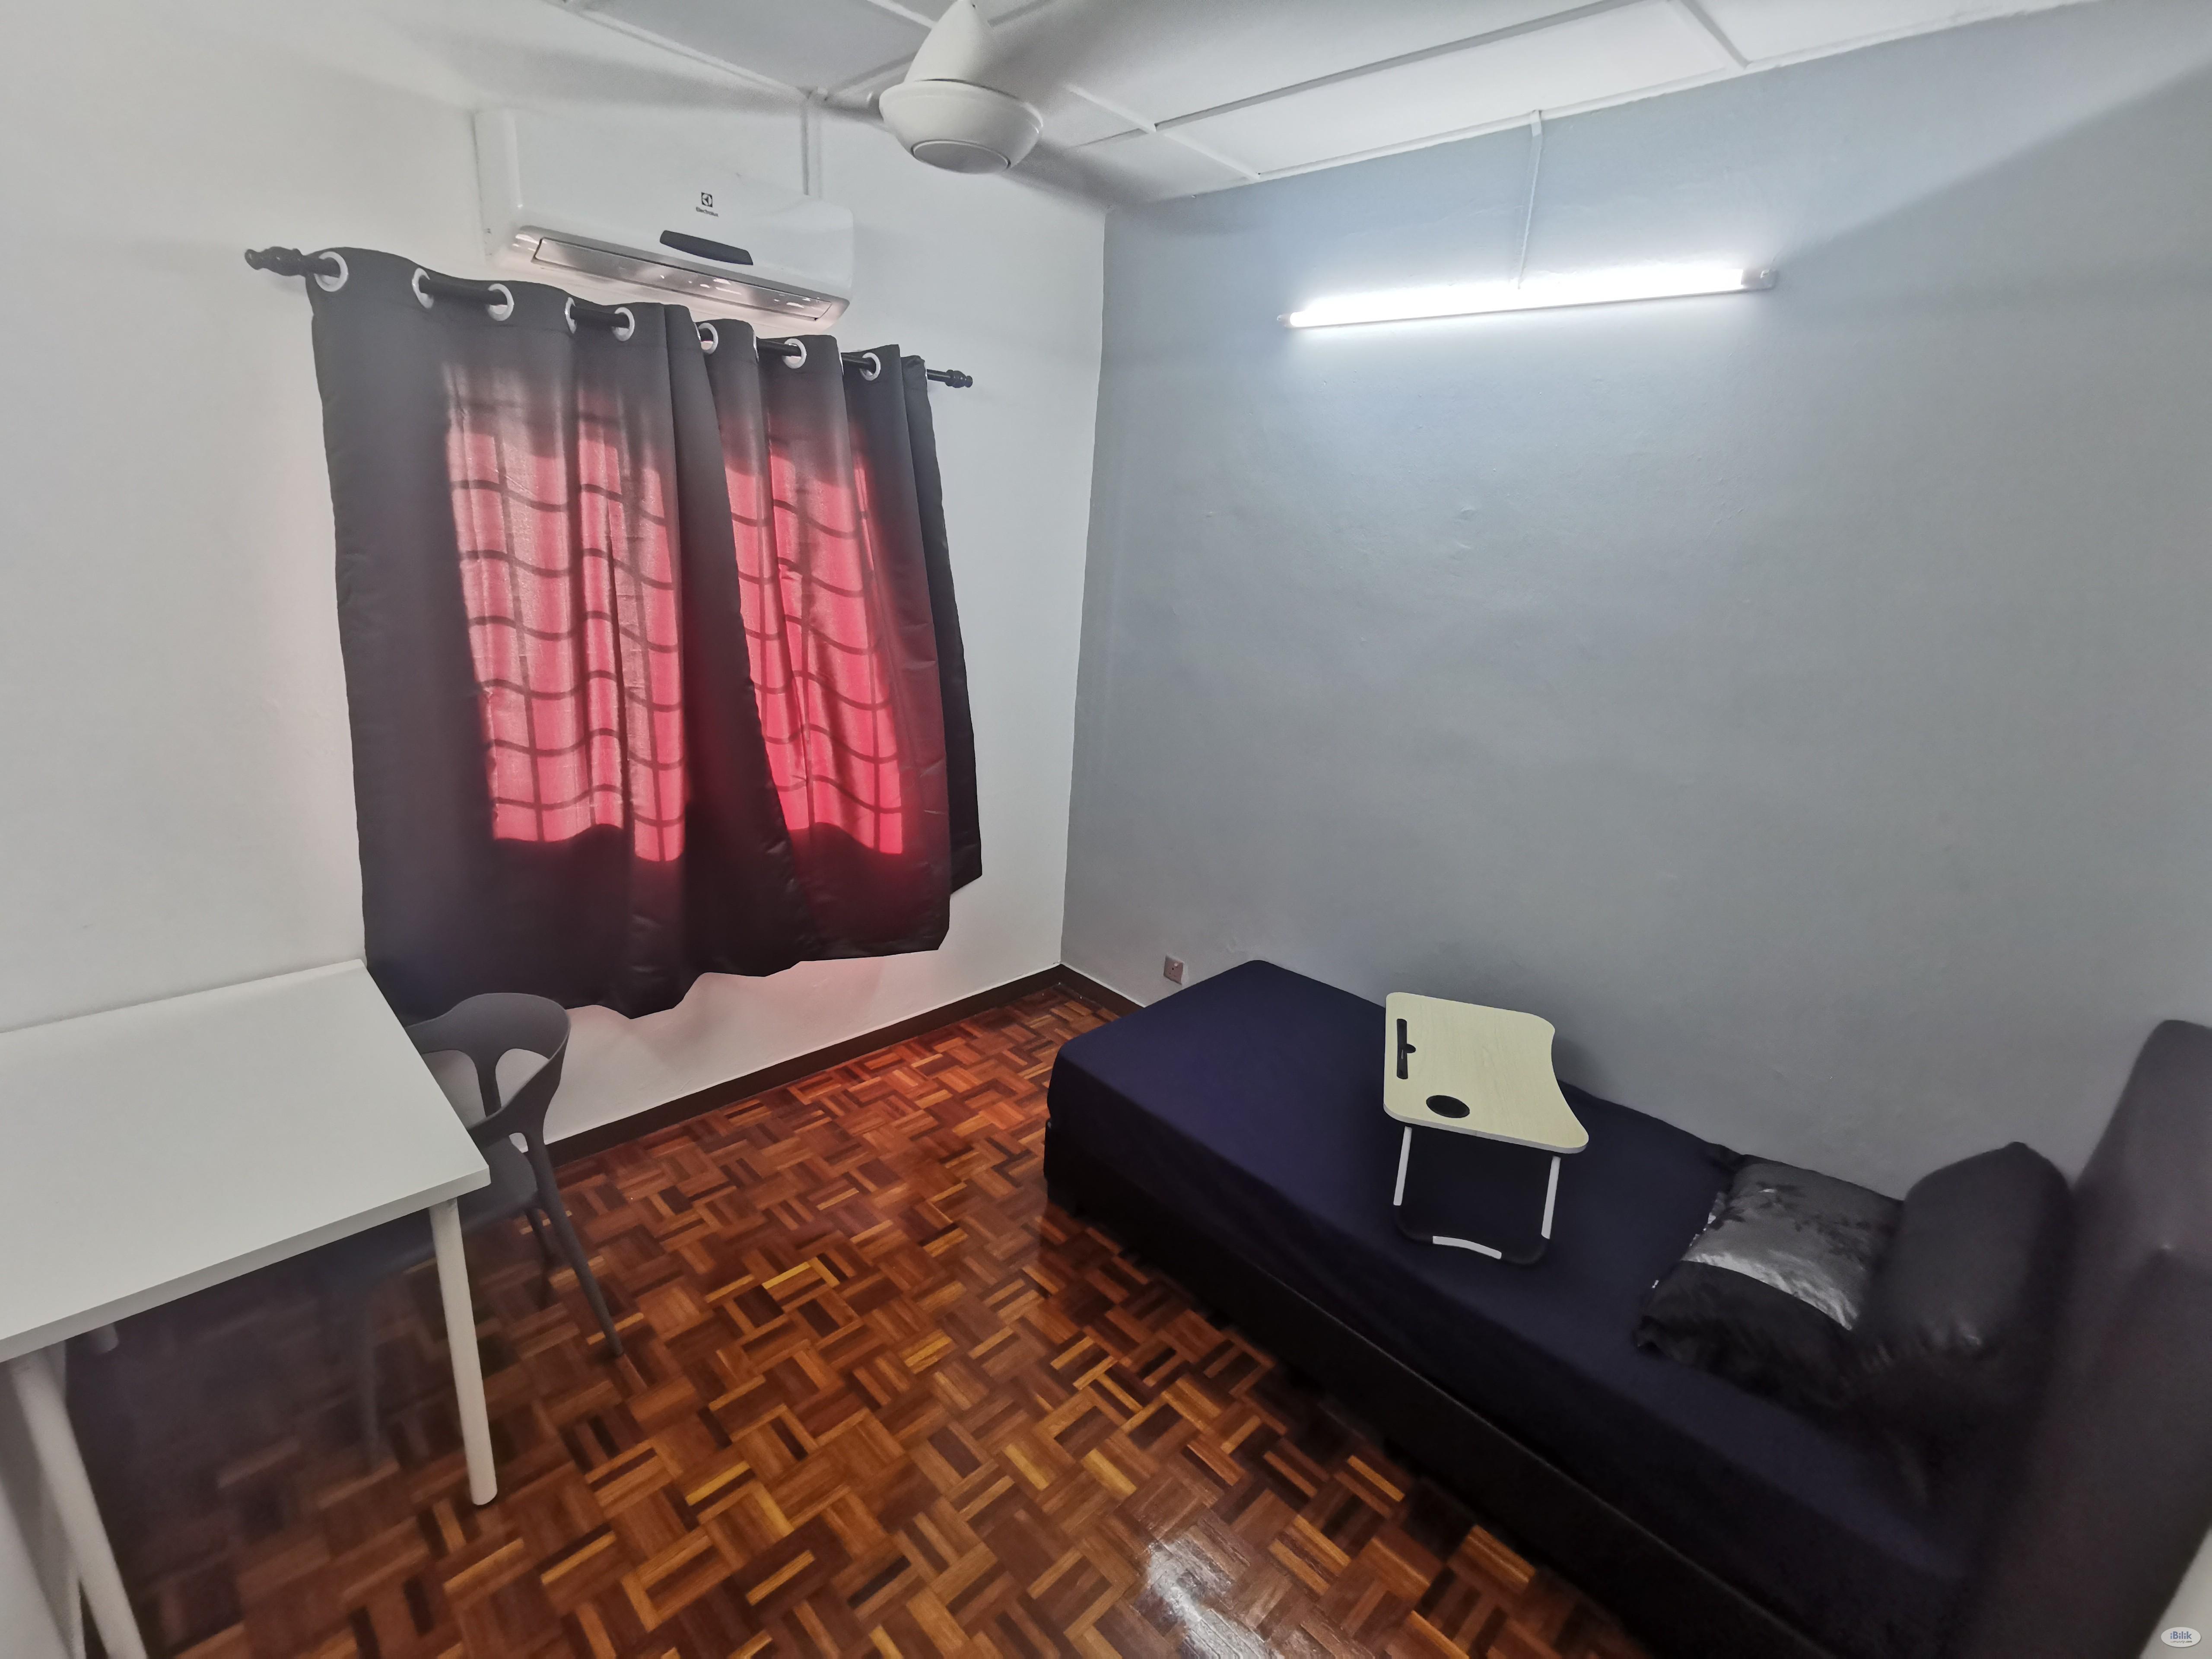 Room - Shared House at Subang Jaya, Selangor